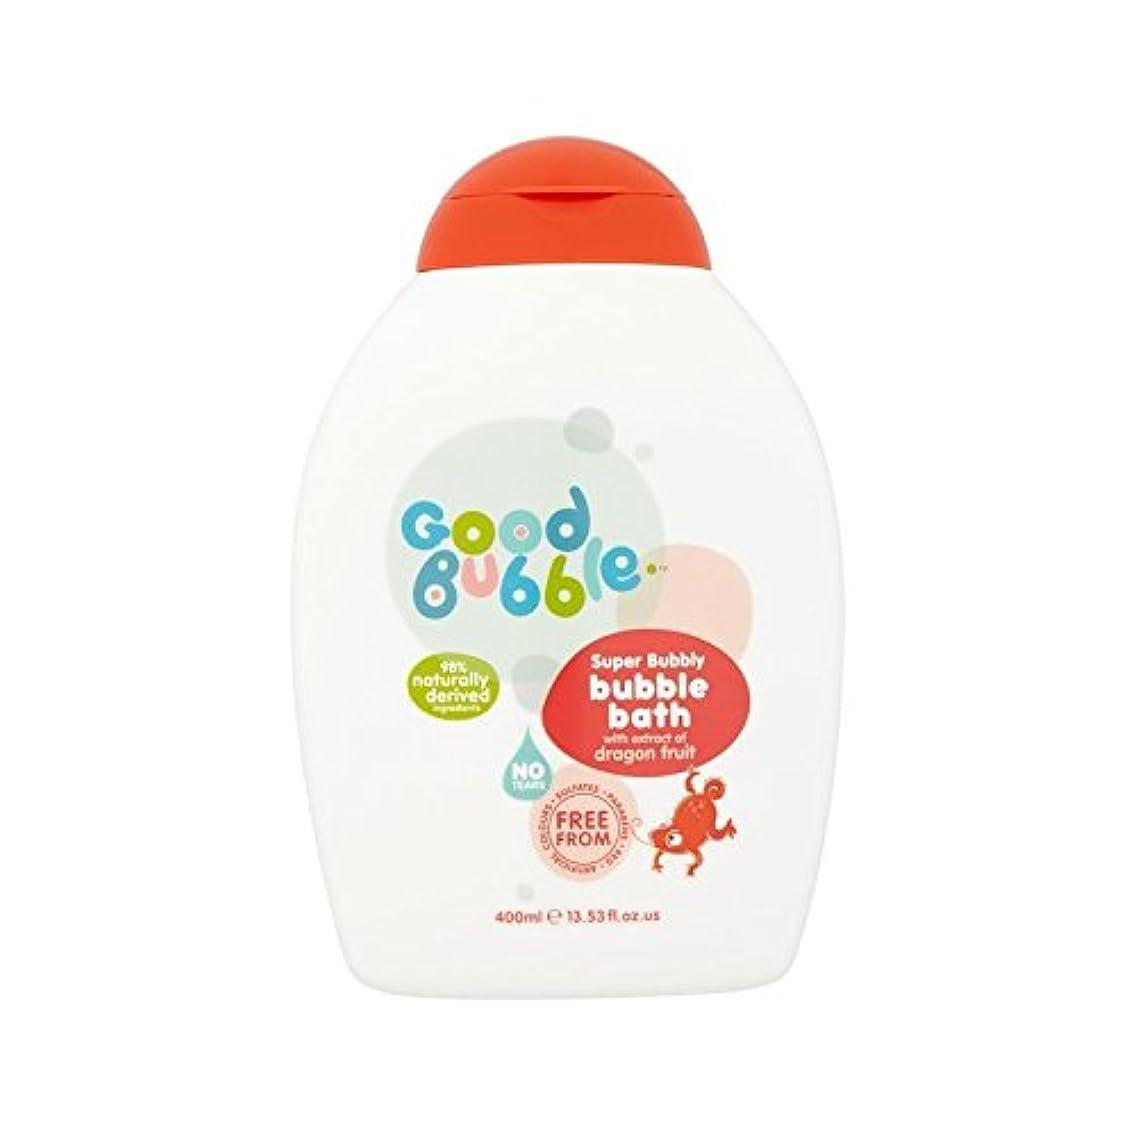 清める老人タービンドラゴンフルーツエキスの400ミリリットルと泡風呂 (Good Bubble) - Good Bubble Bubble Bath with Dragon Fruit Extract 400ml [並行輸入品]